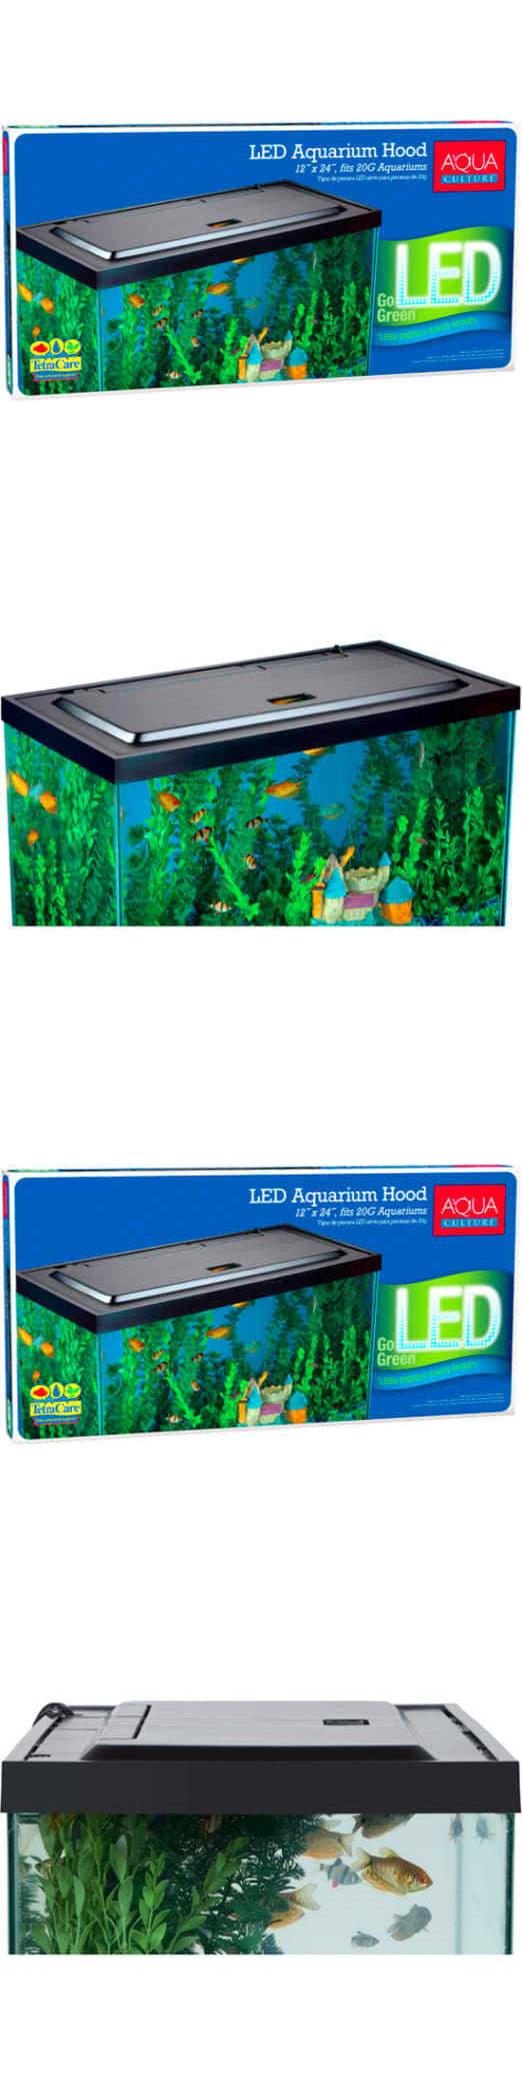 Aquarium fish tank hoods - Aquariums And Tanks 20755 Aqua Culture Led Aquarium Hood For 20 55 Gallon Fish Tank